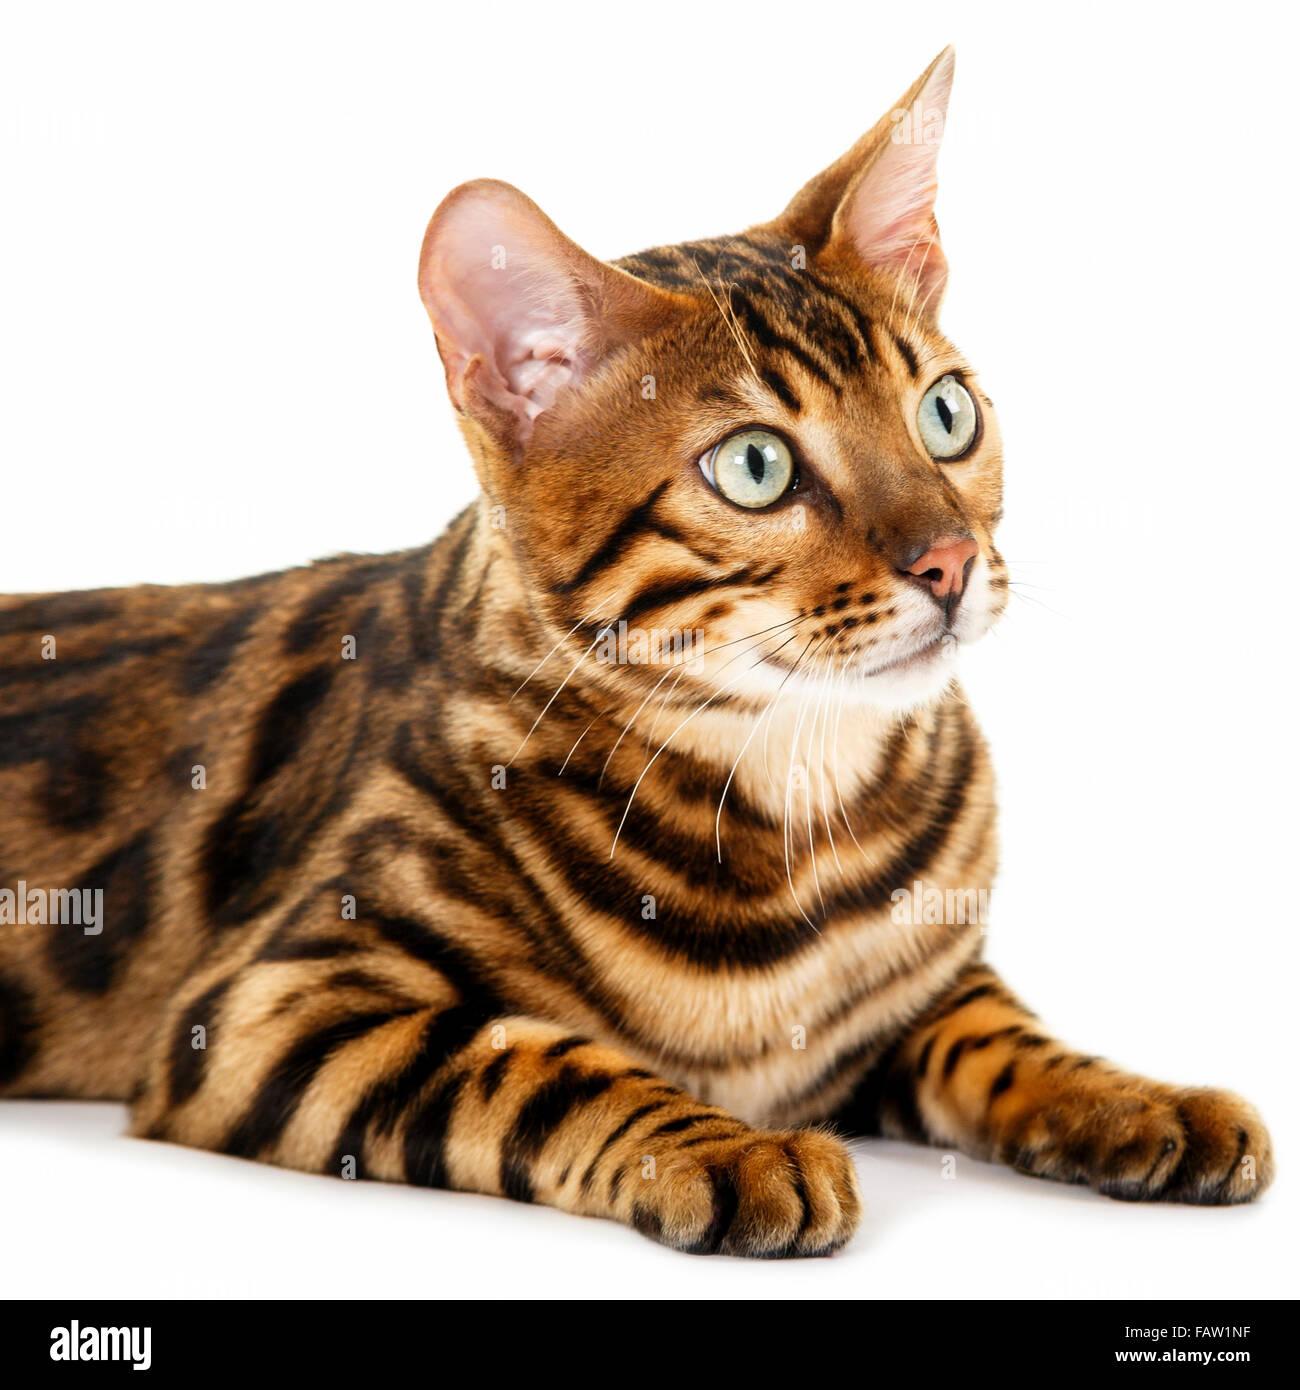 Männlich Bengal Katze Portrait auf weißem Hintergrund isoliert Model Release: Nein Property Release: Nein. Stockbild